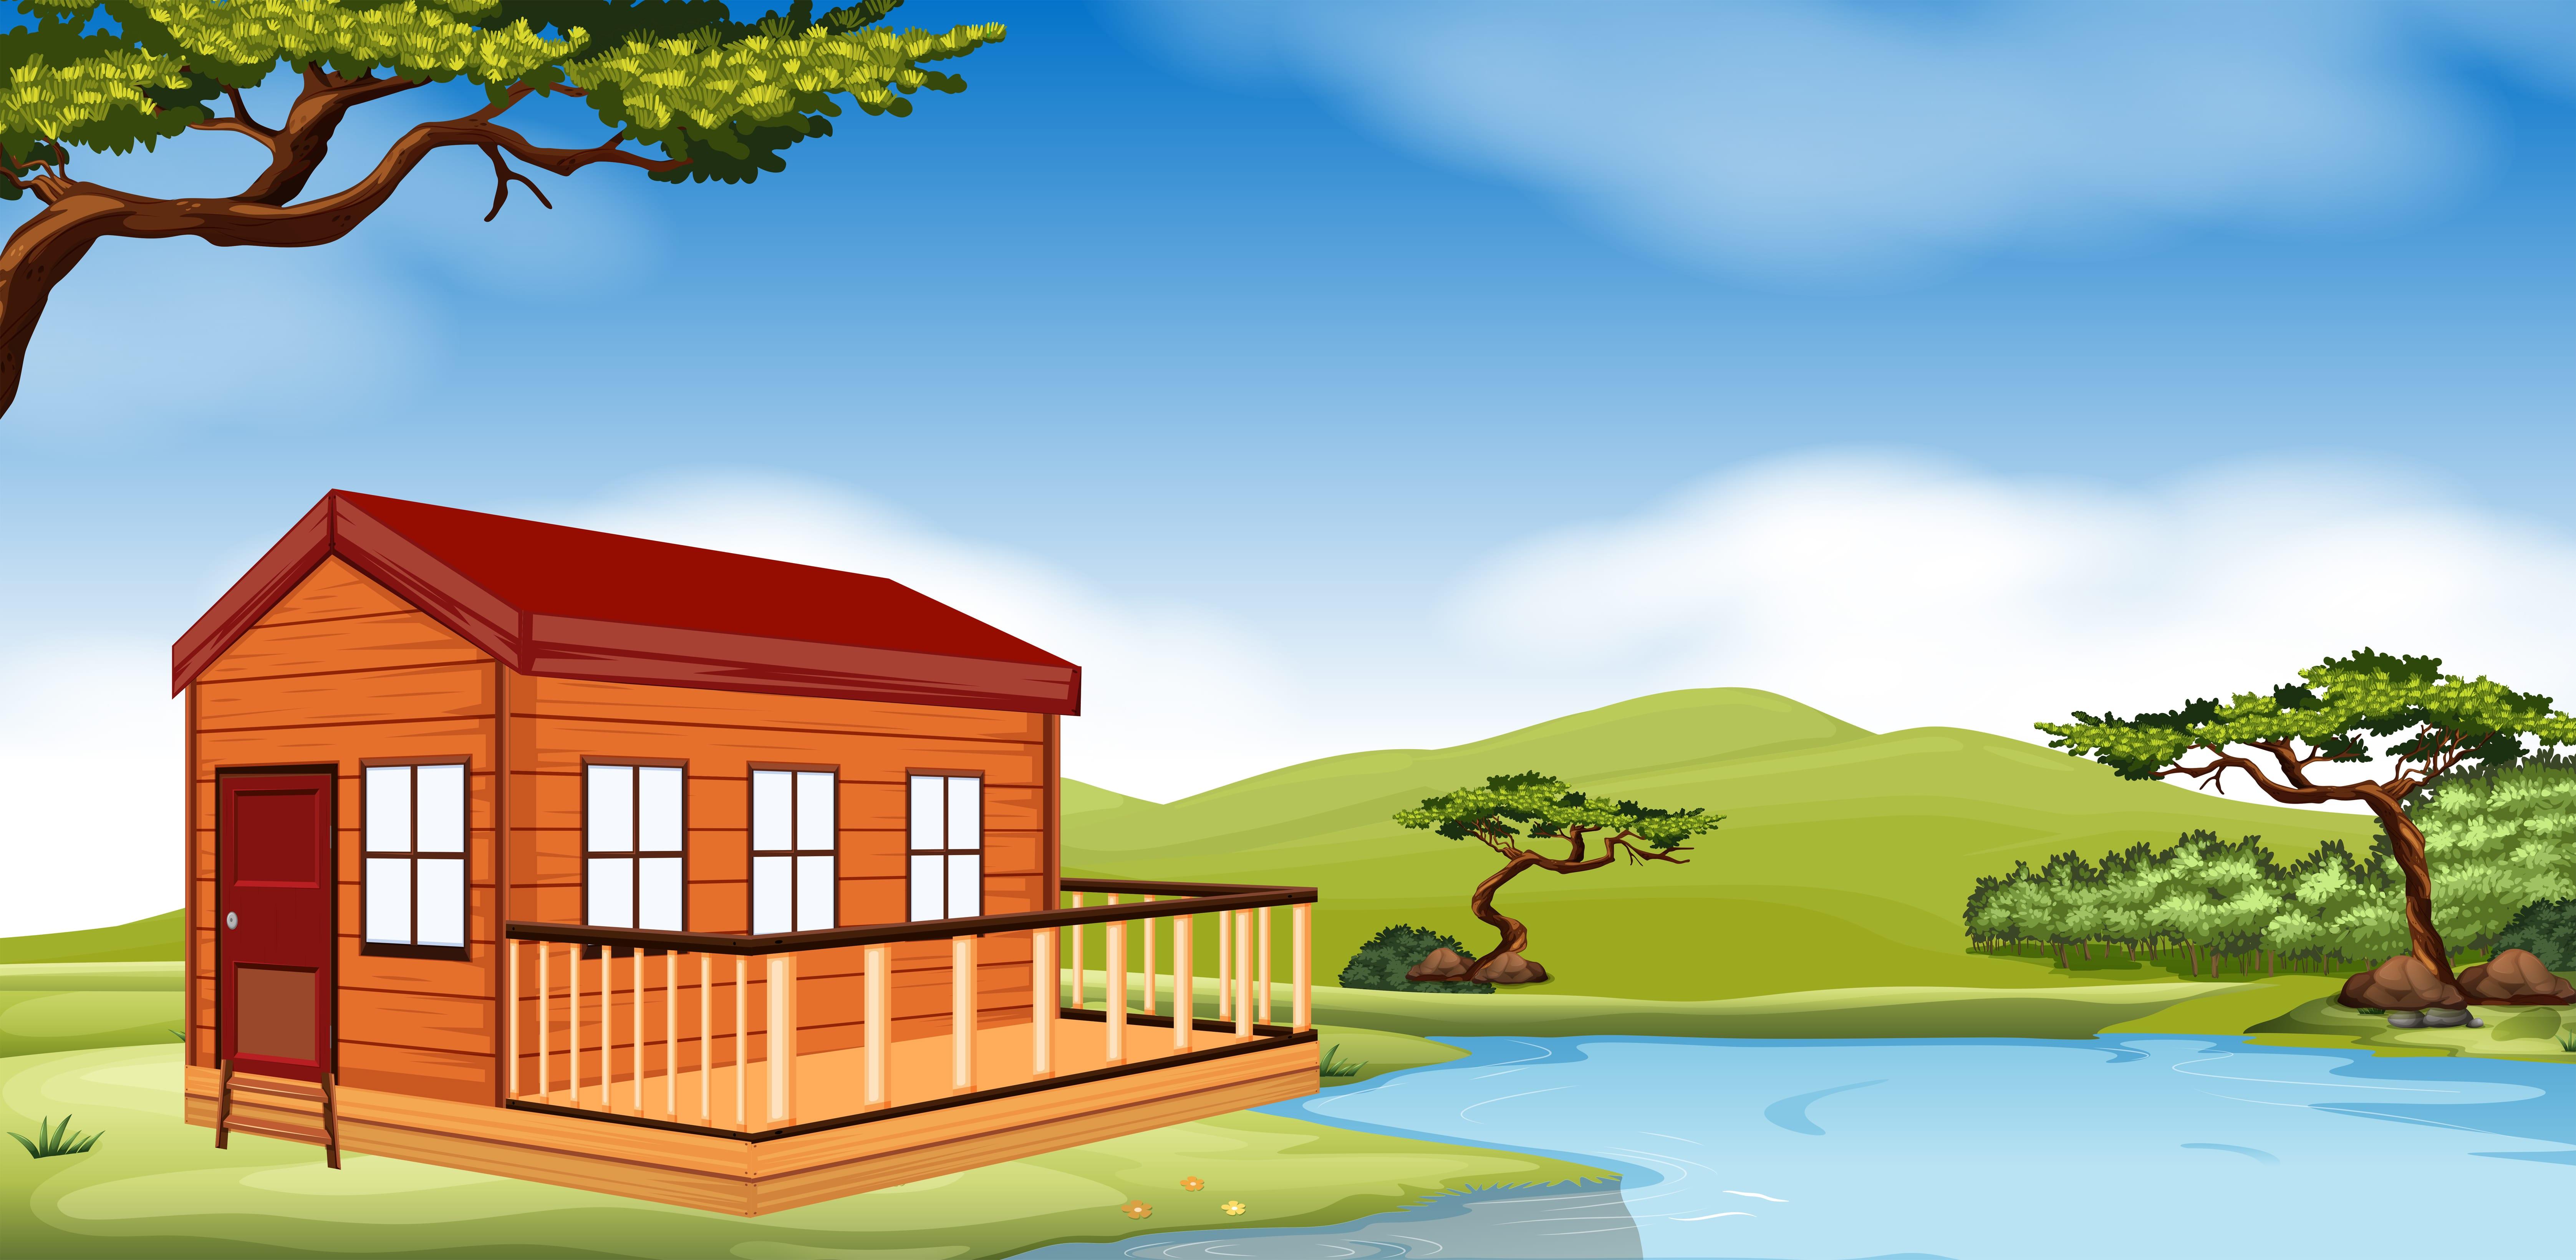 Case Prefabbricate In Legno Opinioni case prefabbricate in legno: prezzi migliori e